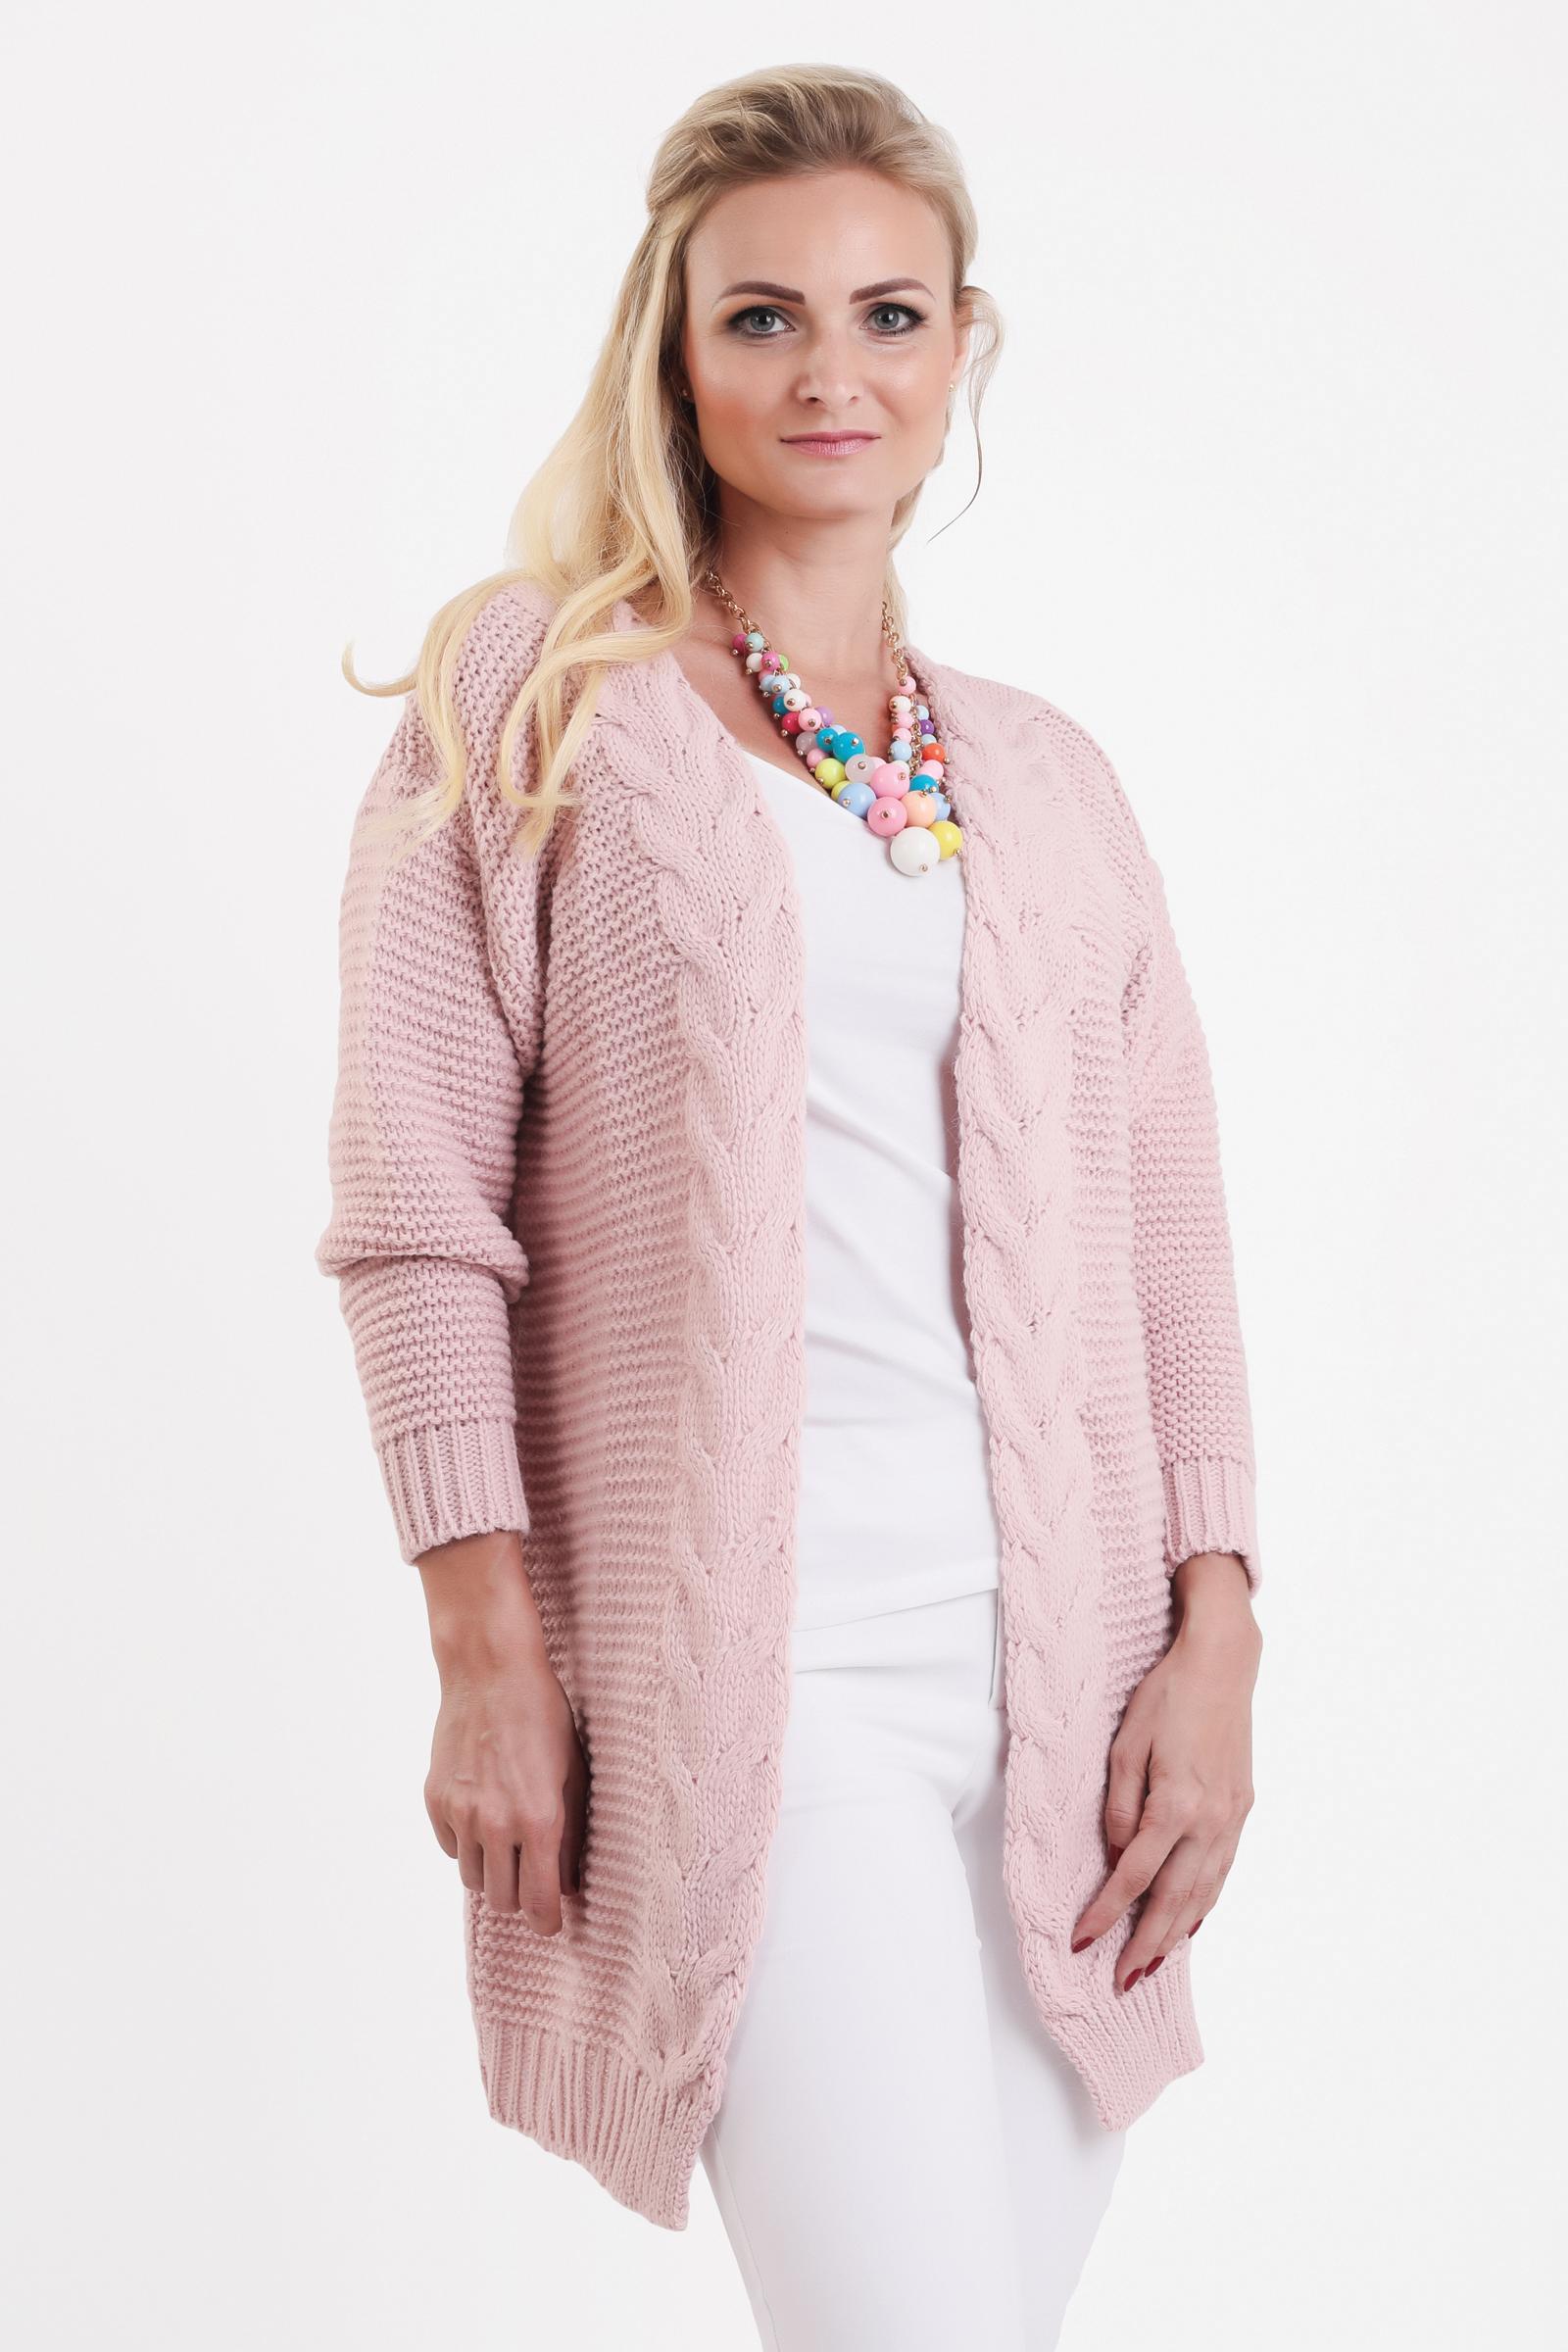 a7b6a60294a6 Ružový pletený dámsky sveter HENA - JOIE.SK